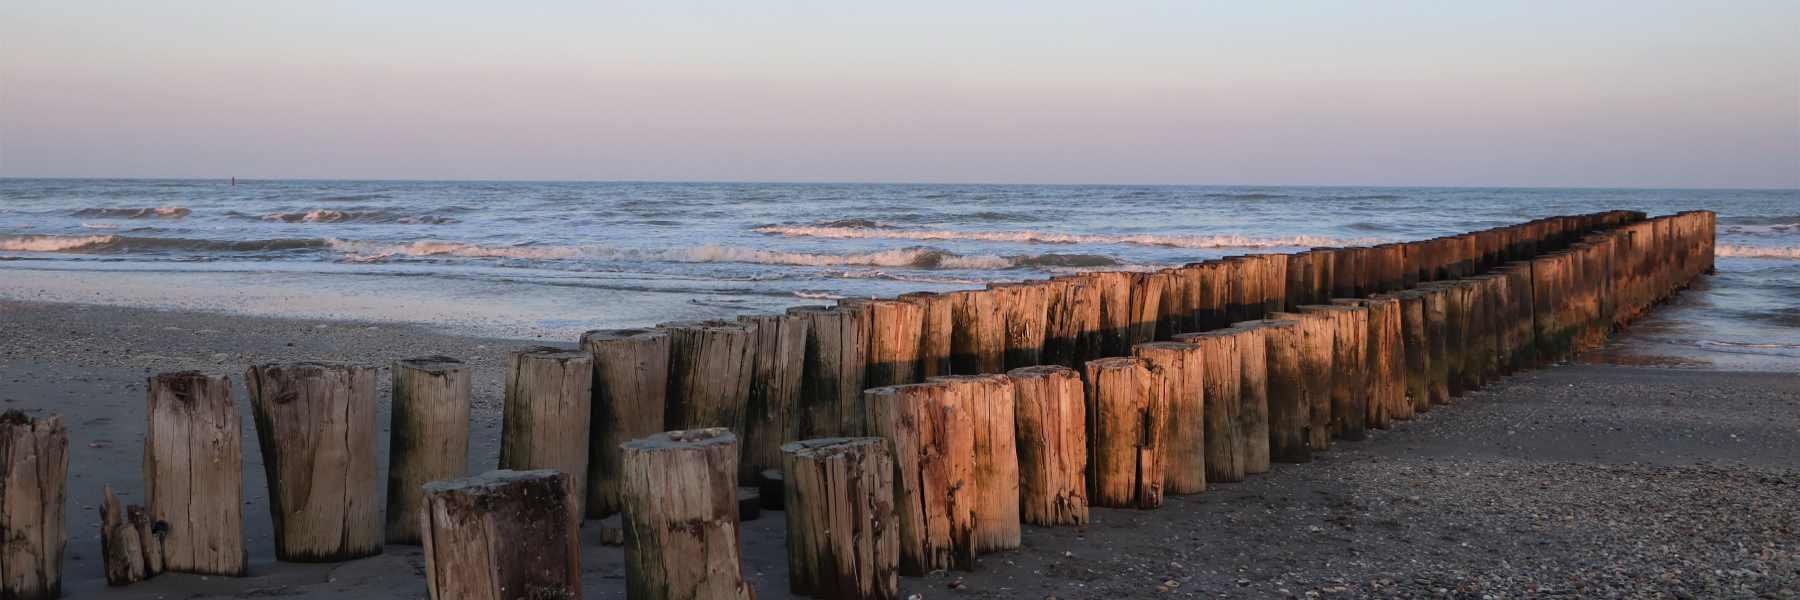 Mare, tronchi di legno - DE